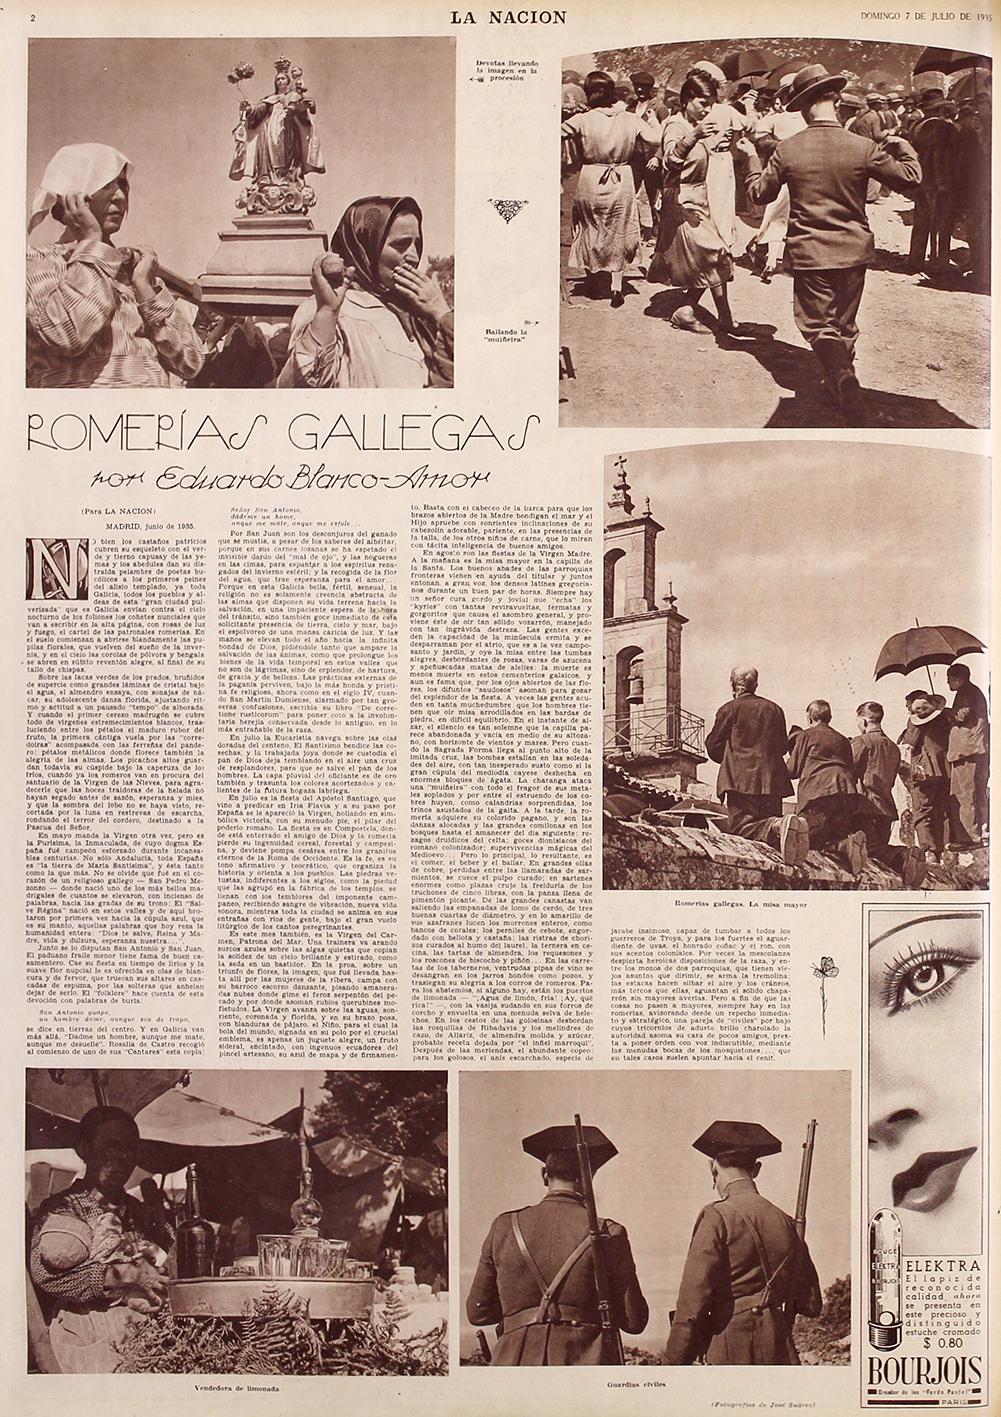 LaNacion1935. Las Romerias Gallegas. 56 x 38 cm